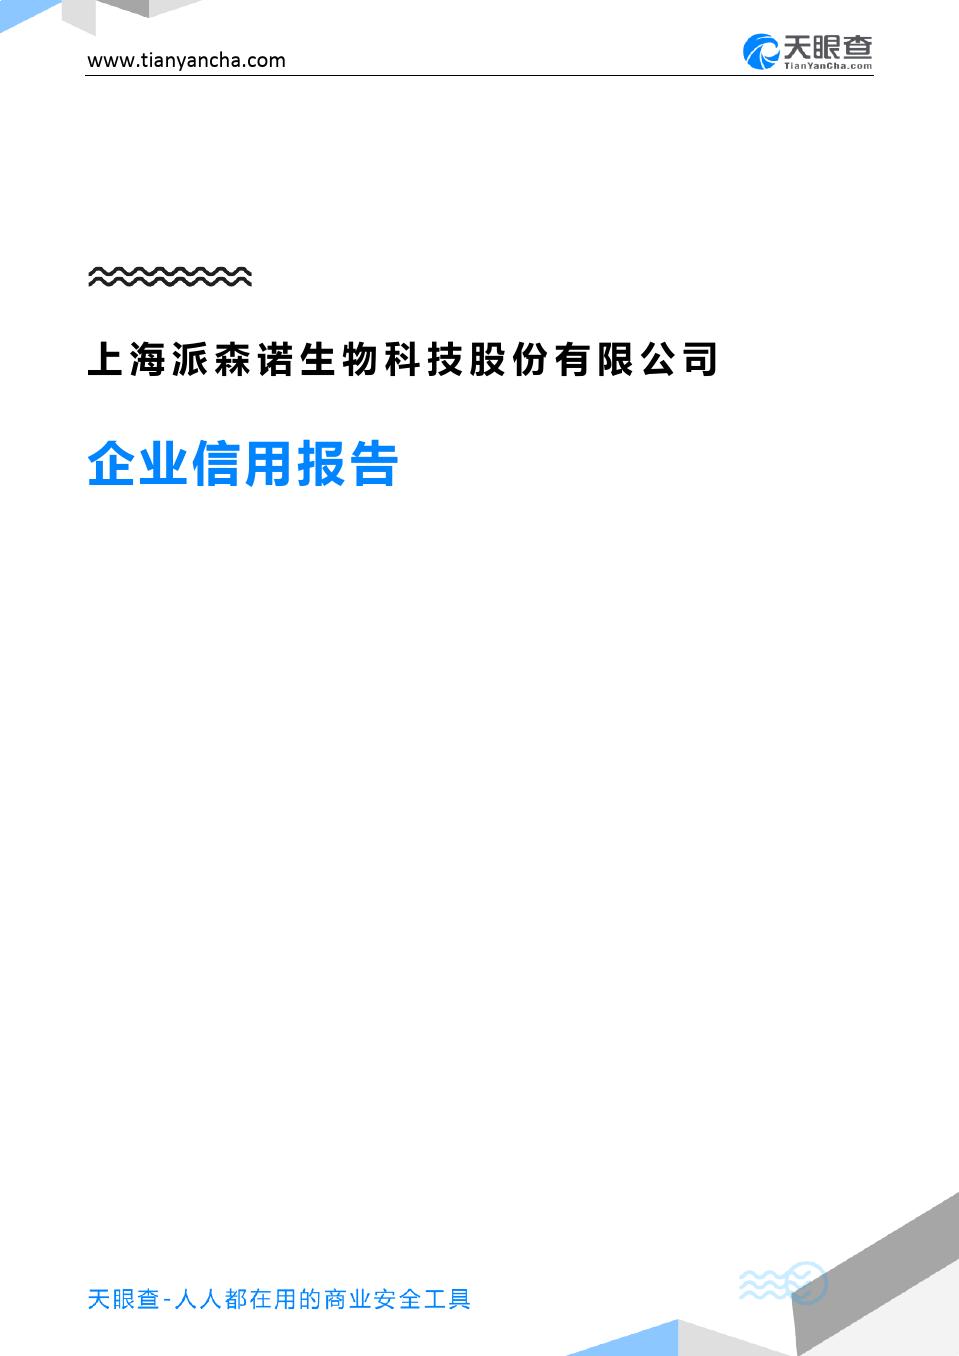 上海派森诺生物科技股份有限公司(企业信用报告)- 天眼查